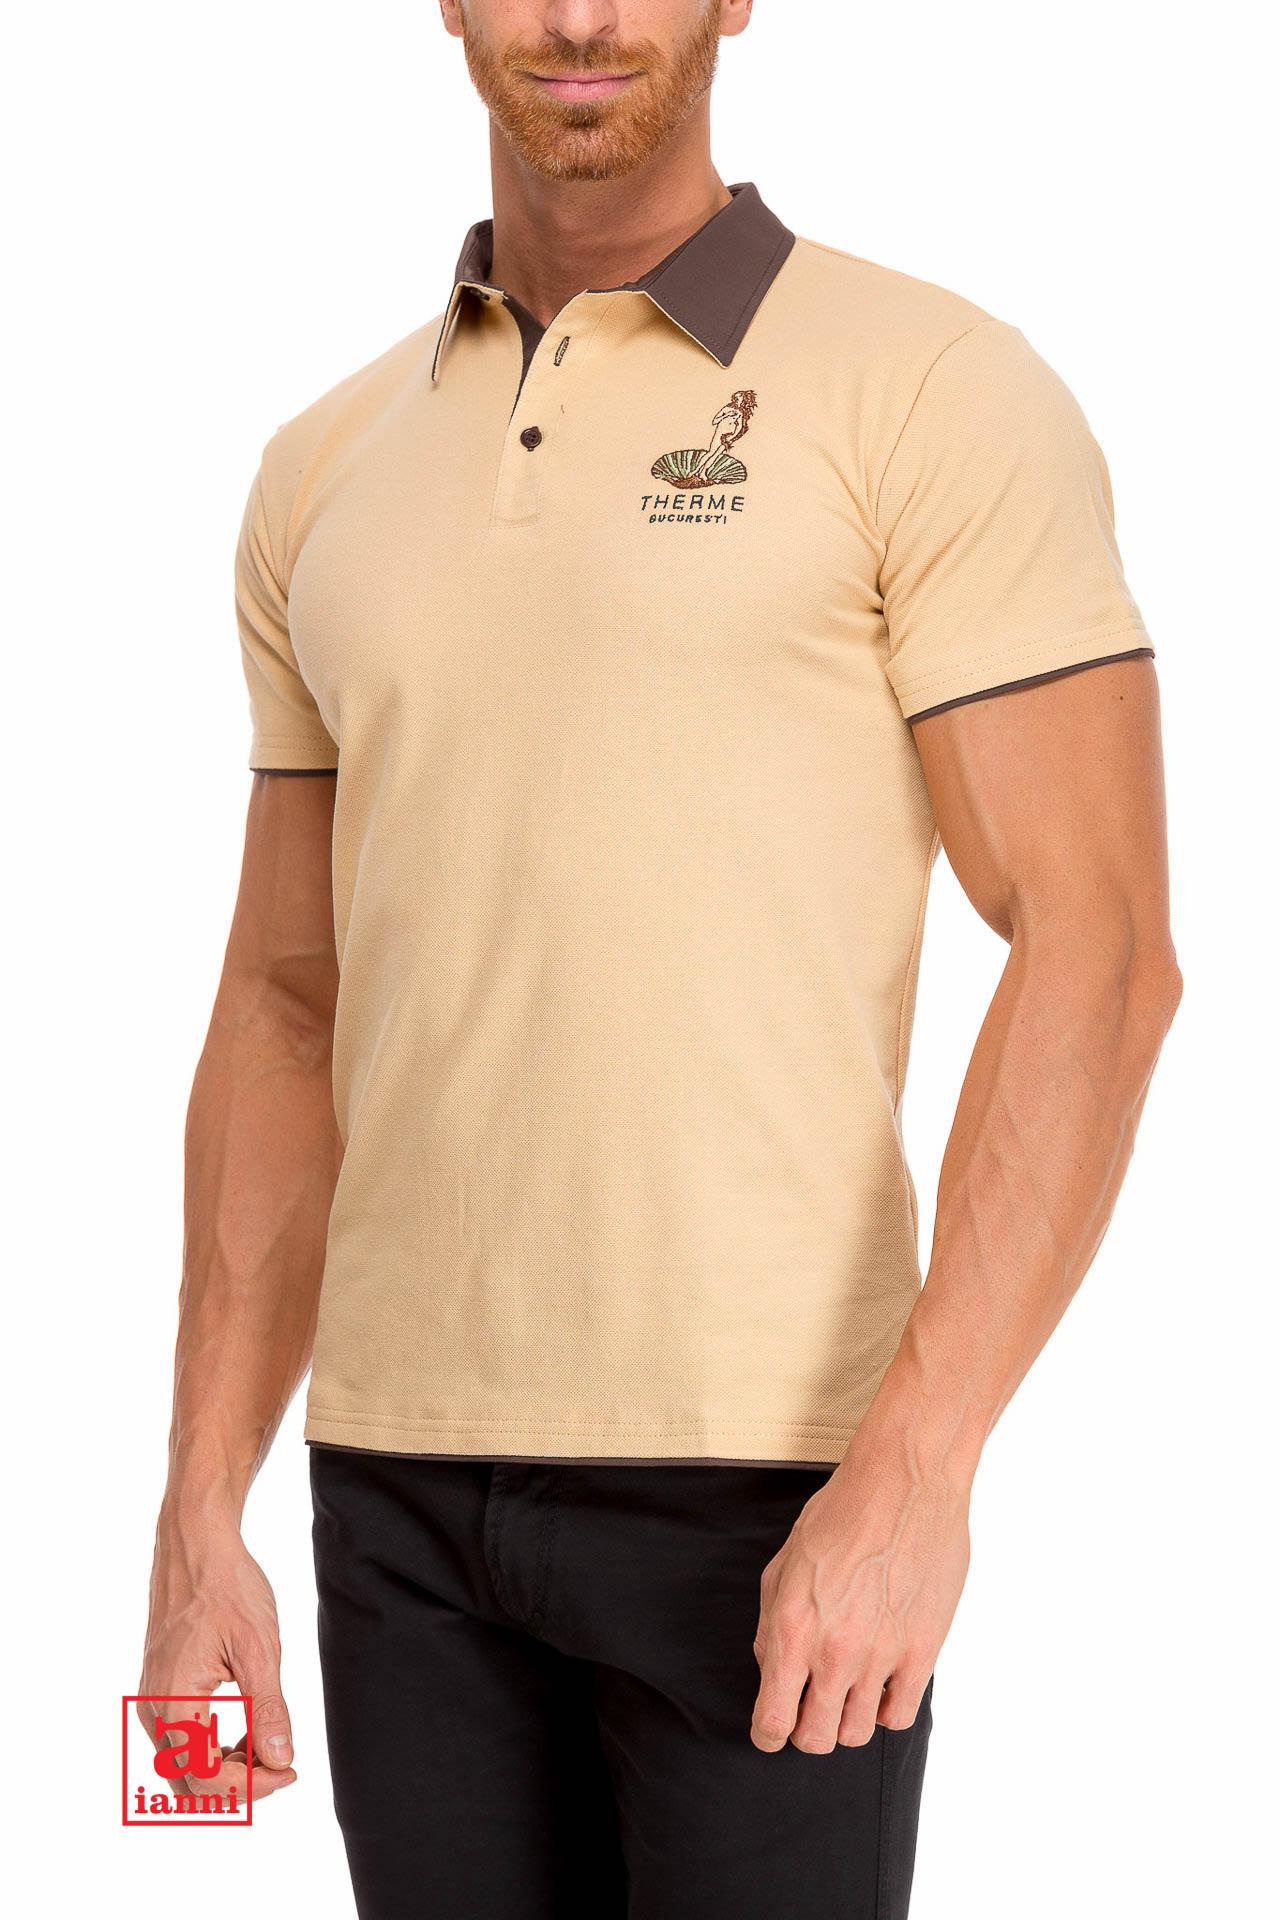 Tricouri barbatesti personalizate